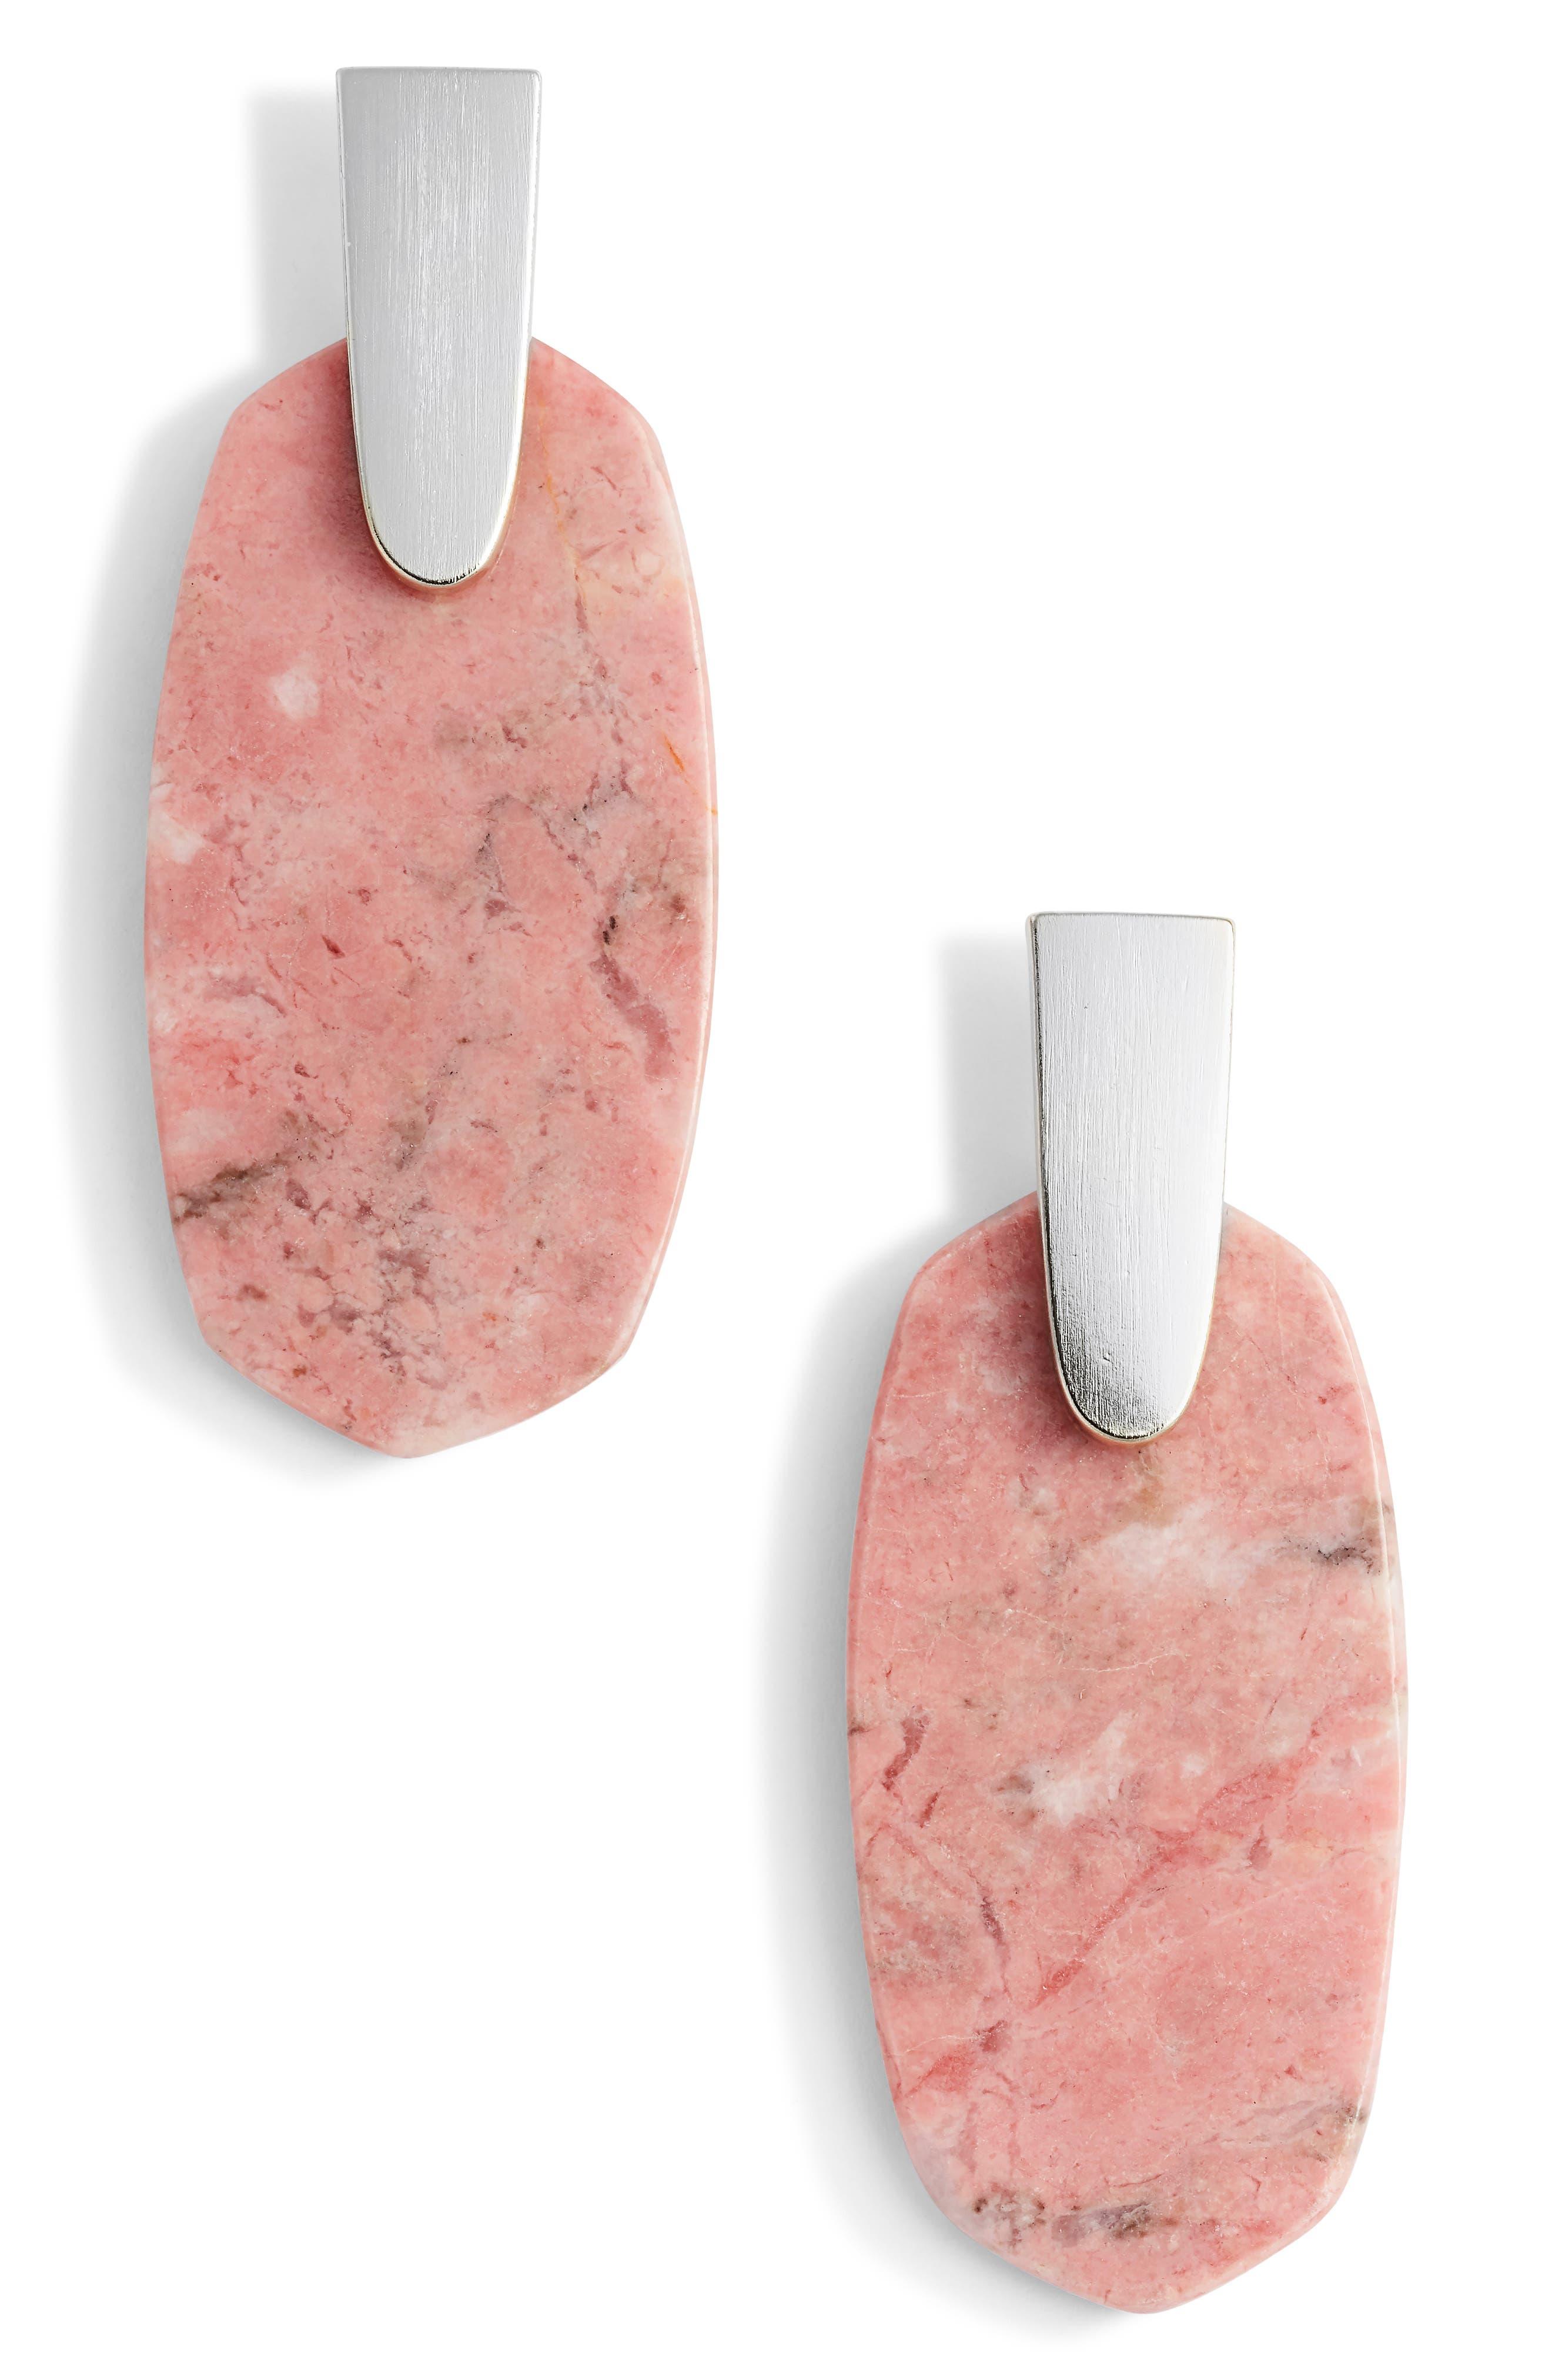 Aragon Drop Earrings,                             Main thumbnail 1, color,                             Pink Rhodonite/ Gold